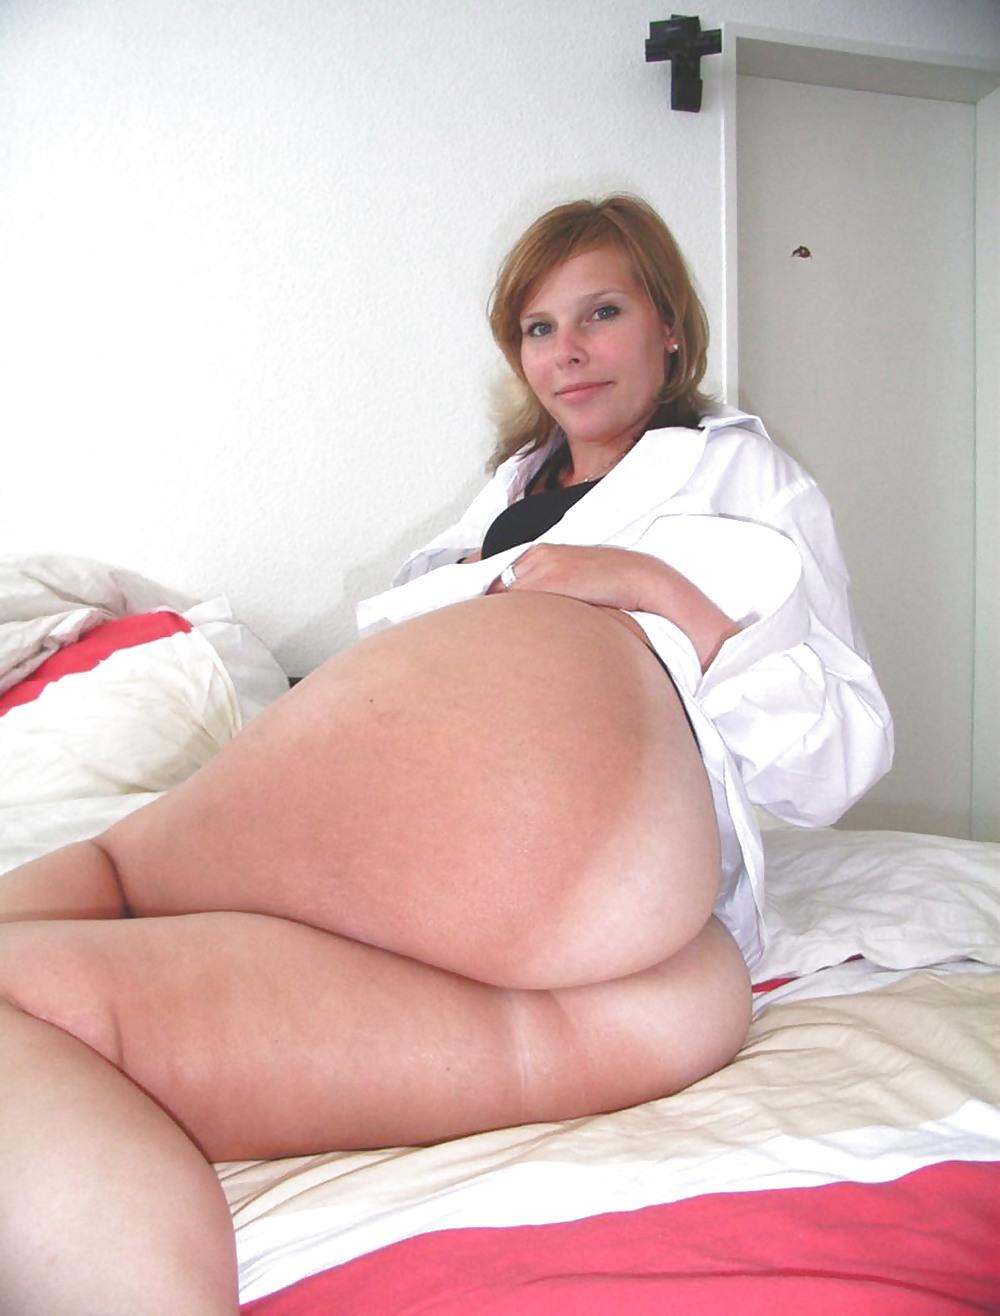 http://maturesonfire.com/gallery/Matures_milf_housewives_66/54.jpg